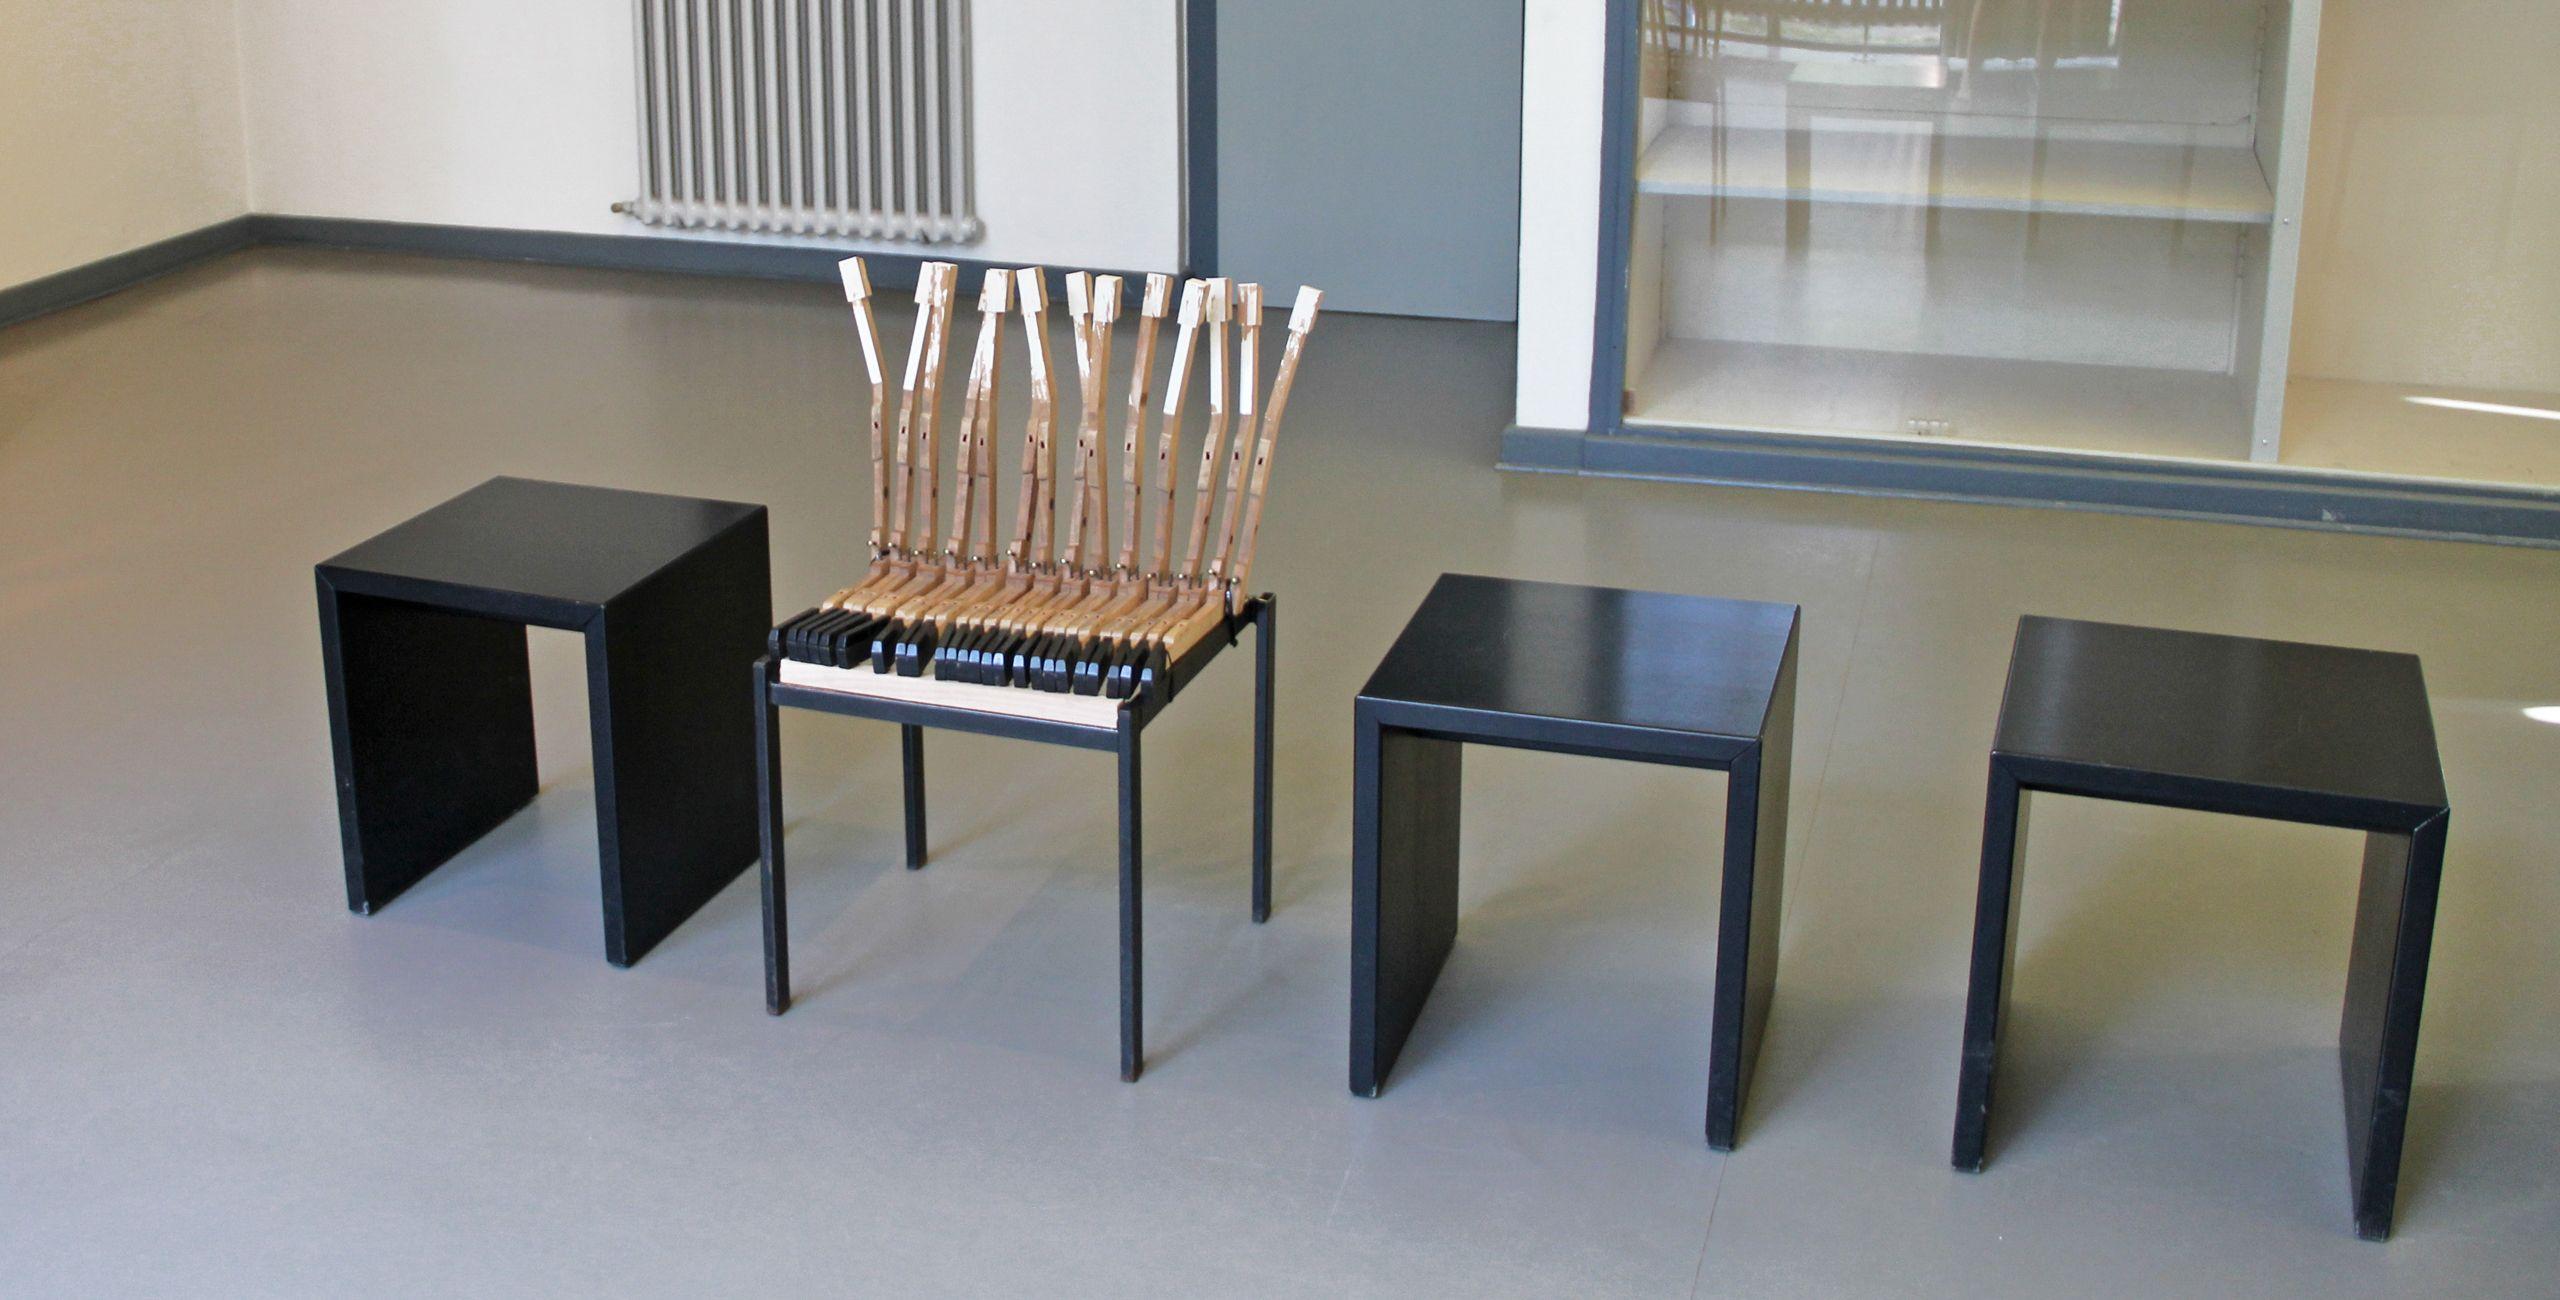 Im Entstand Möbelhauerei Objekt Stuhl Rahmen Der Des Piano 54RL3Aj